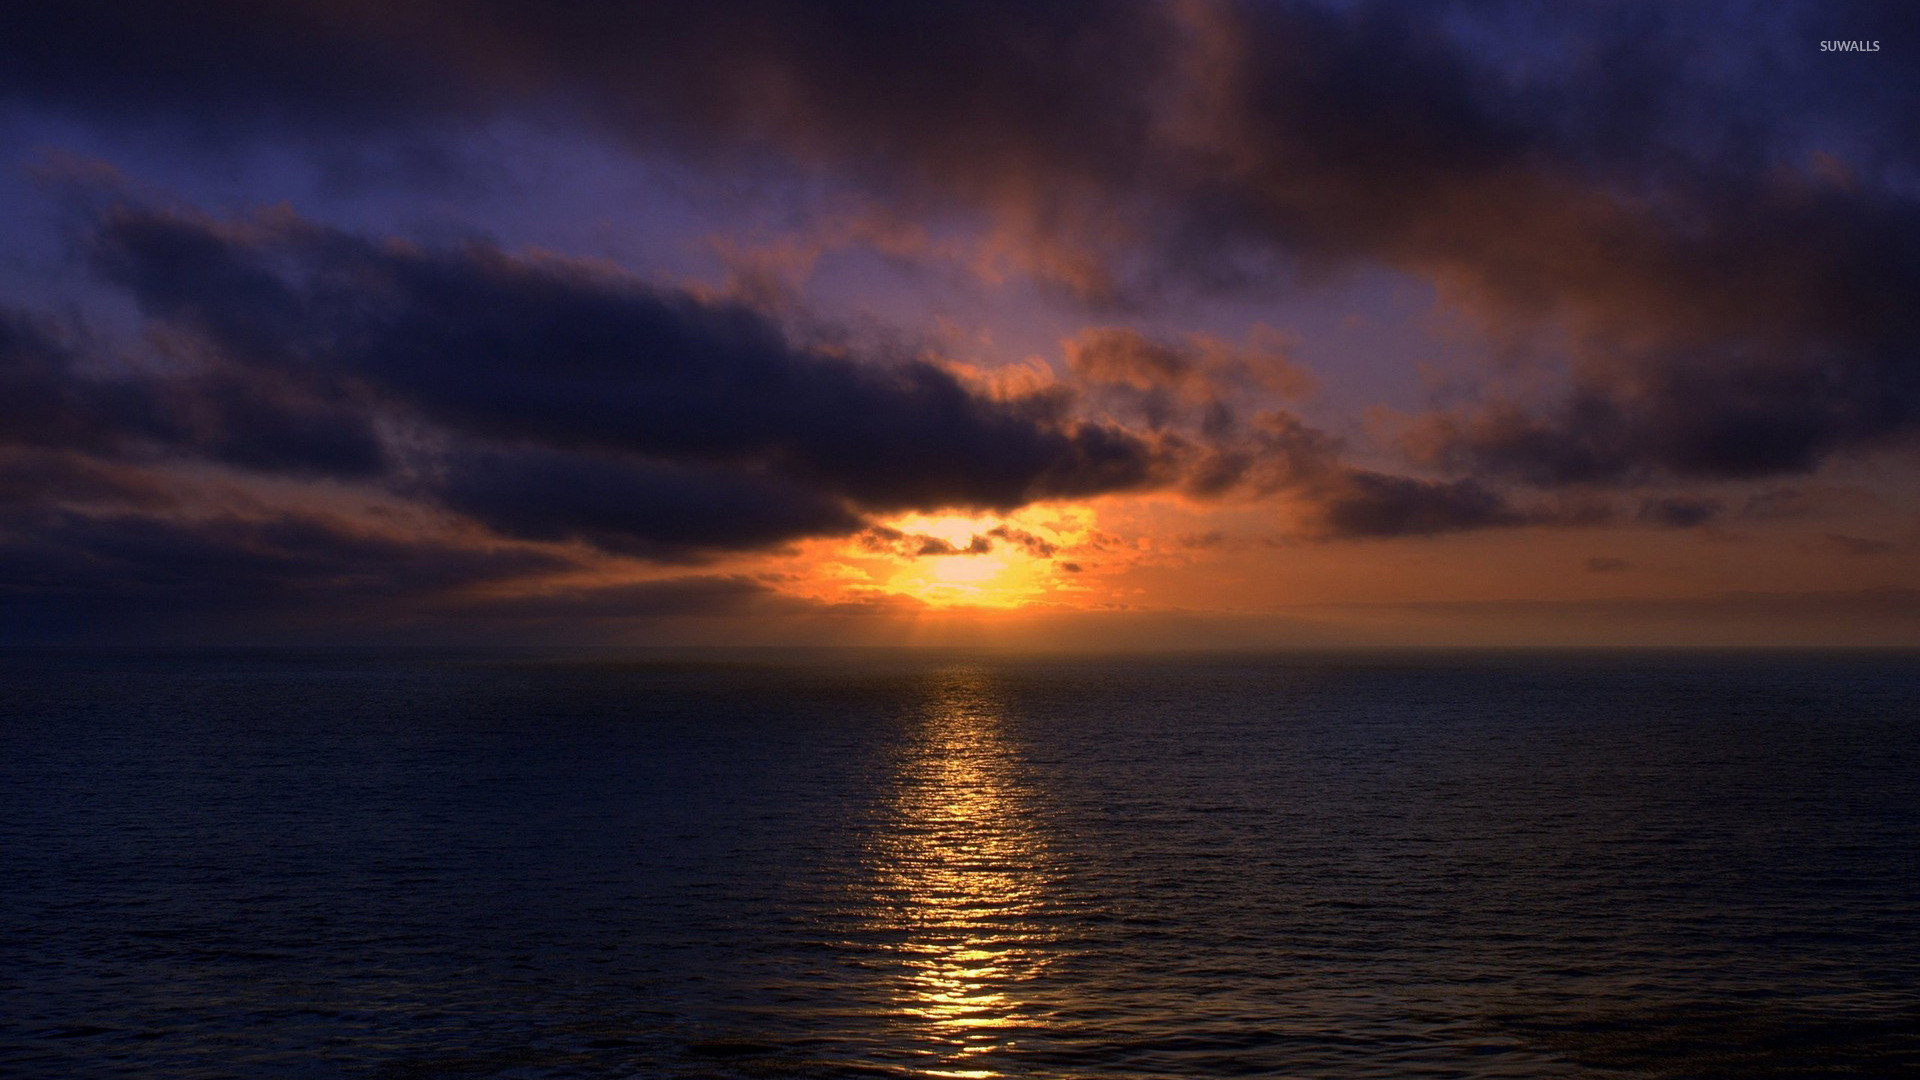 Res: 1920x1080, Sunset light piercing through dark clouds wallpaper